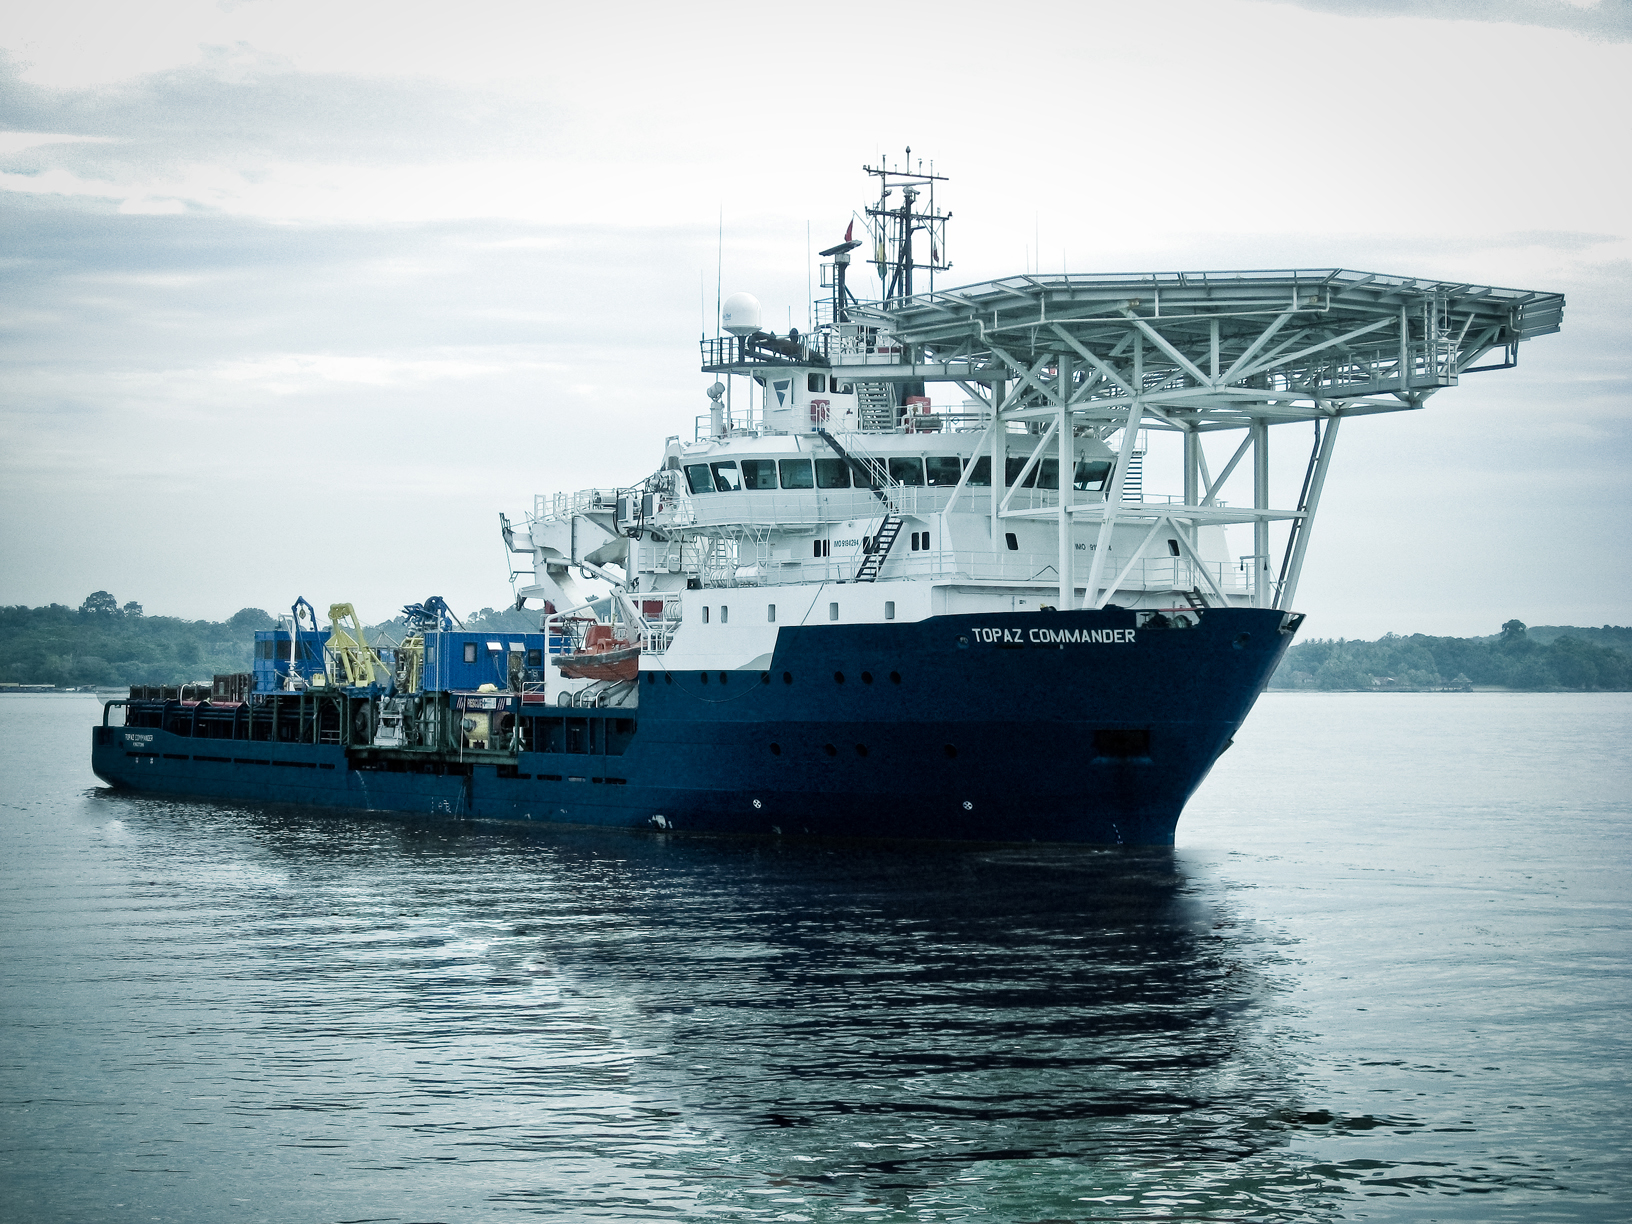 P&O Maritime – Oil Services Ship